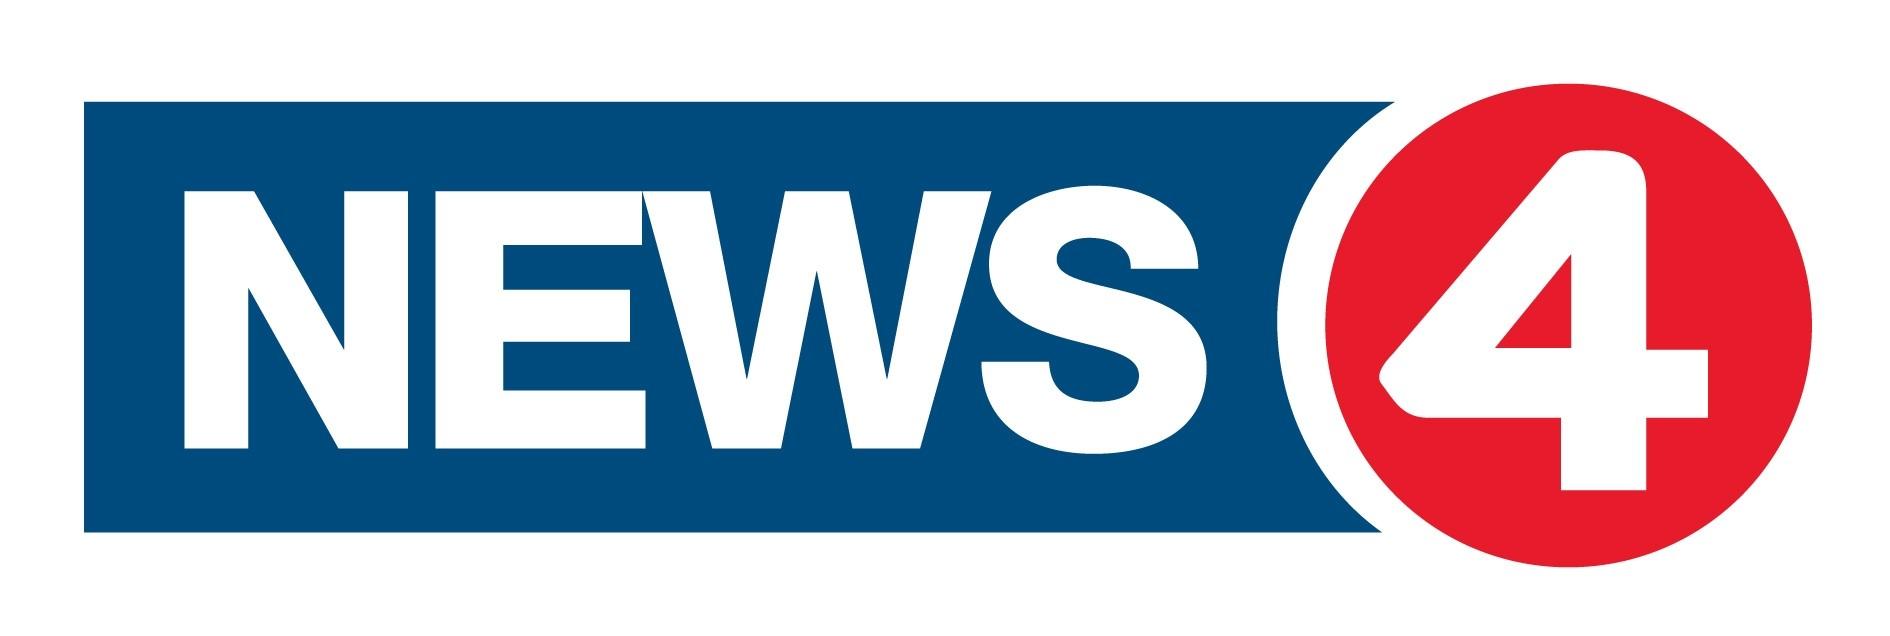 news 4 logo_1547418488492.jpg.jpg